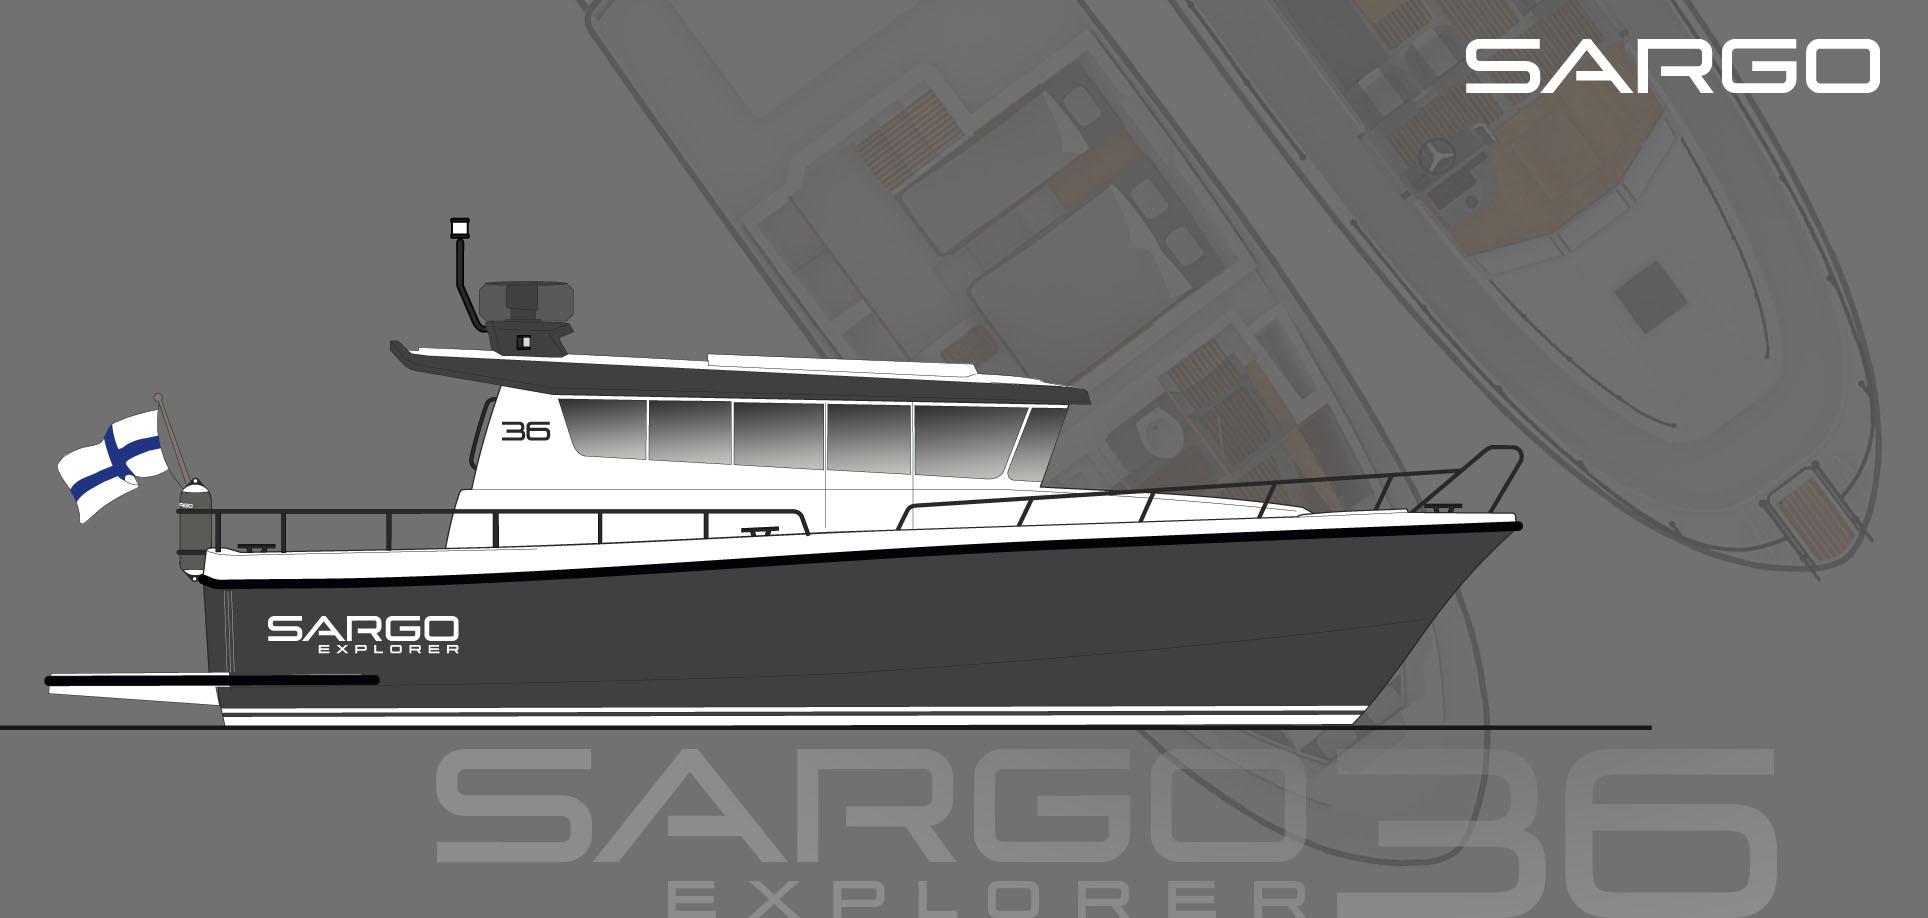 Sargo Explorer 36